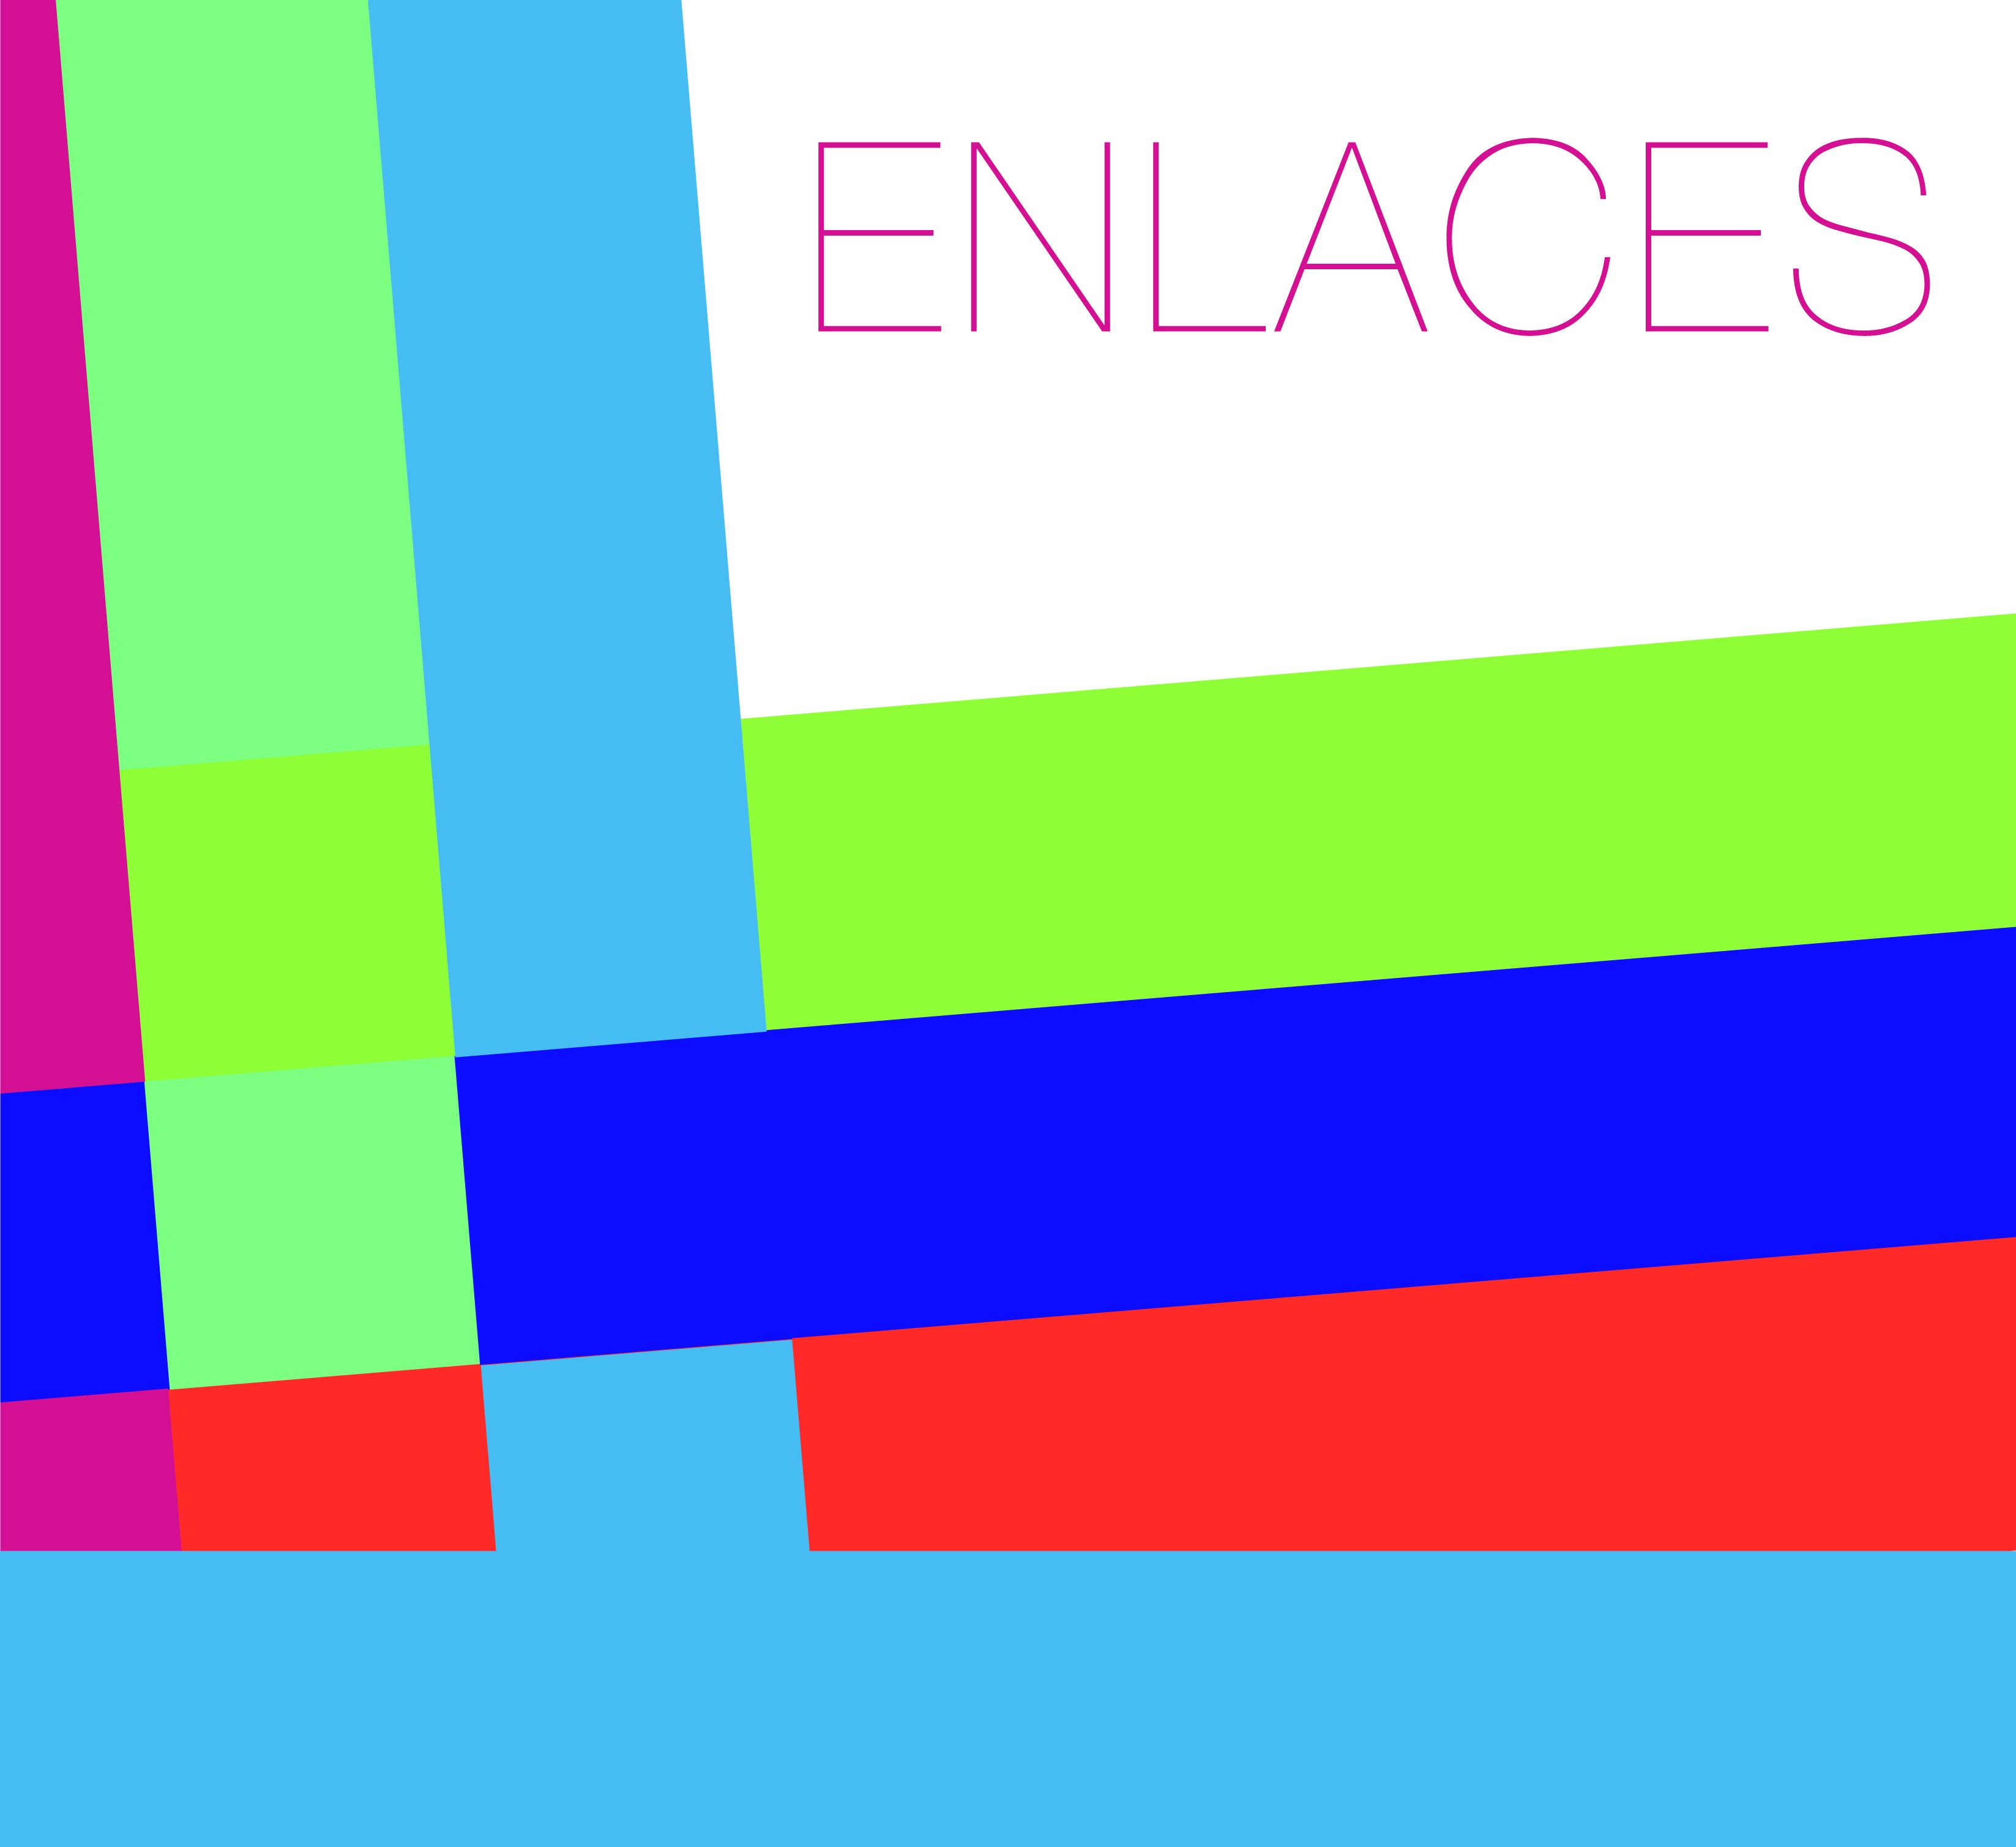 ENLACES Reception 2017